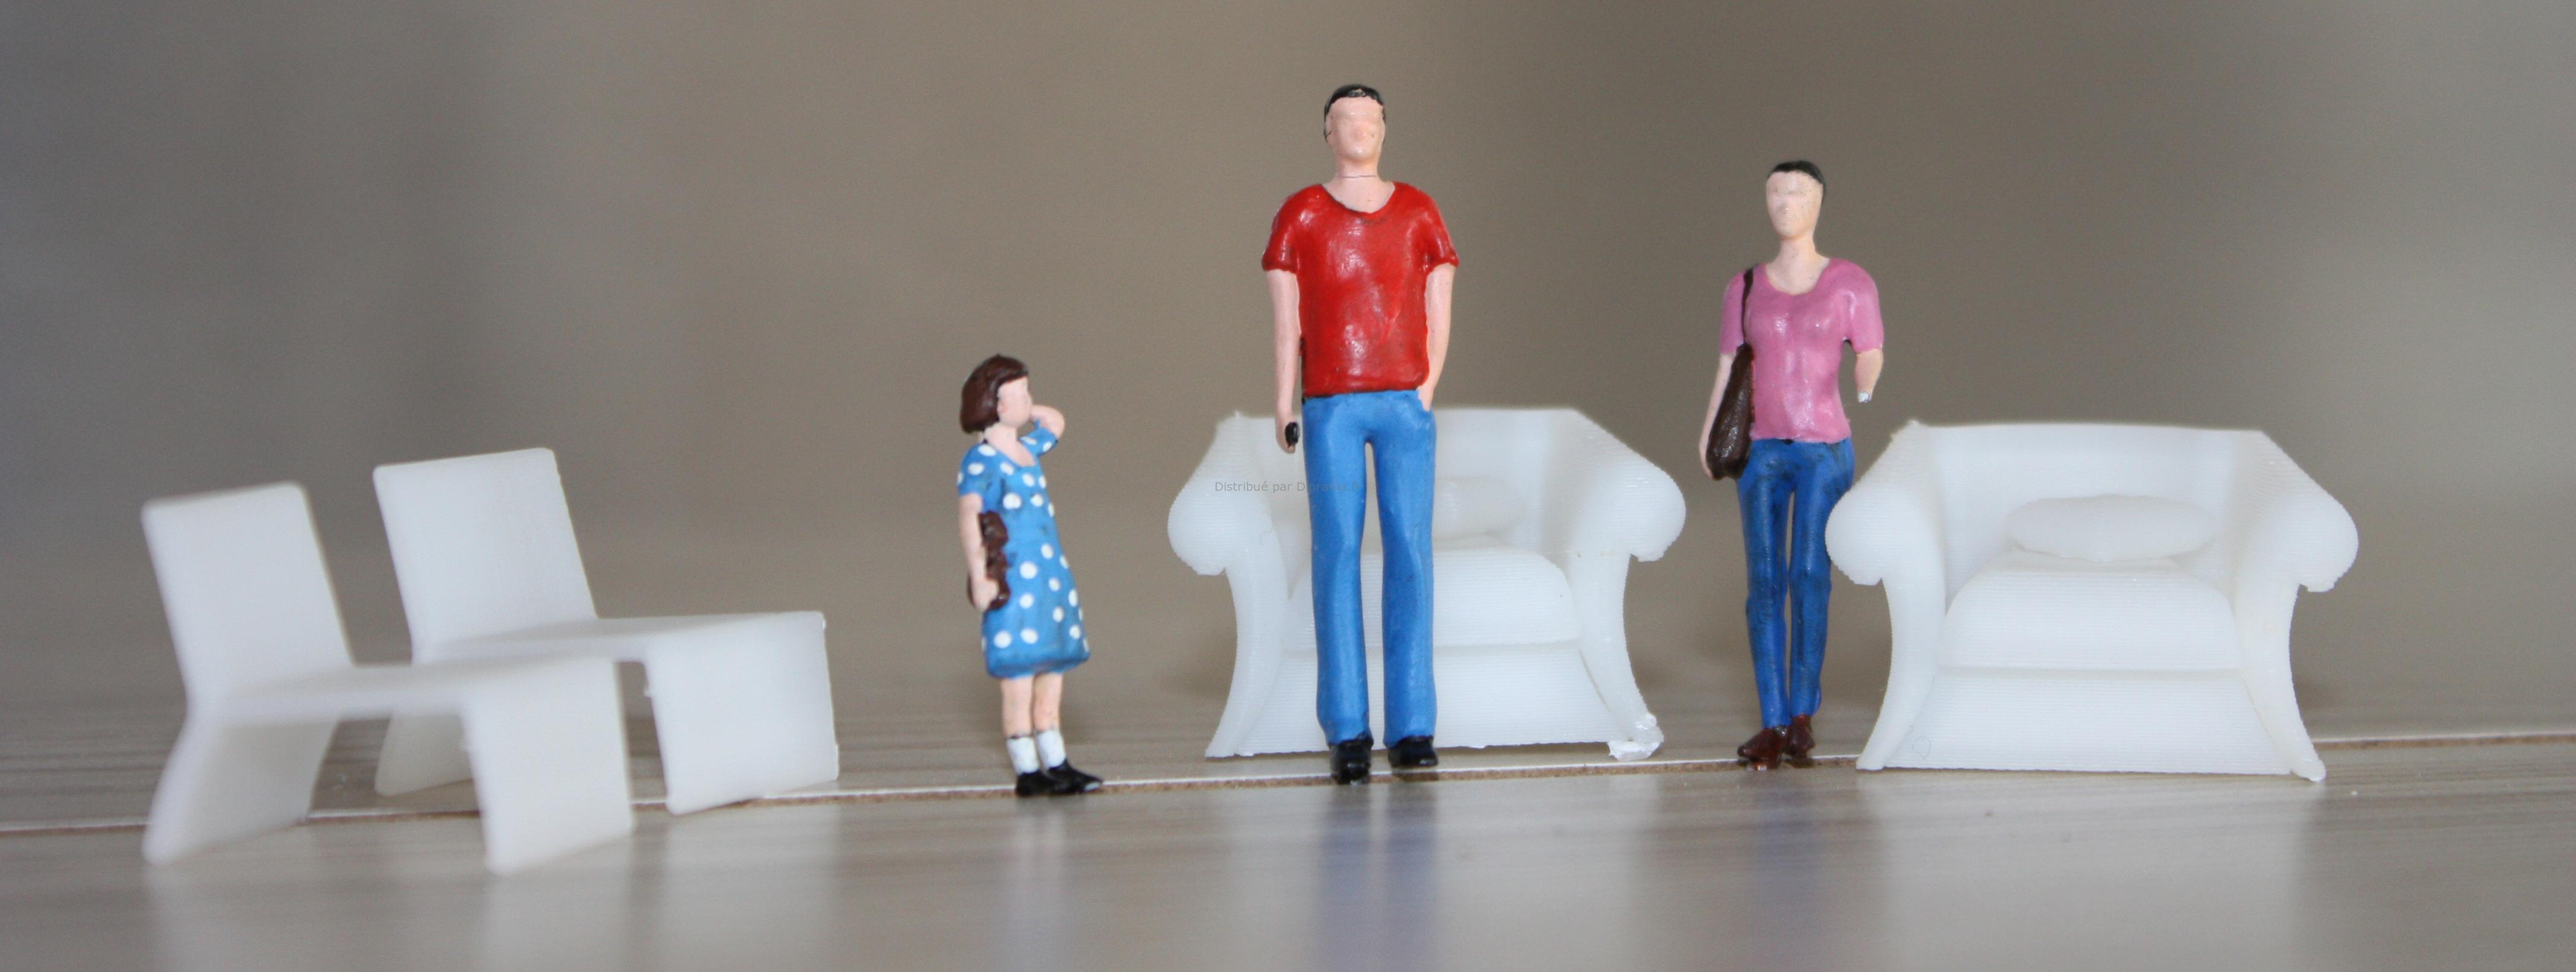 Fauteuil miniature 'moom'